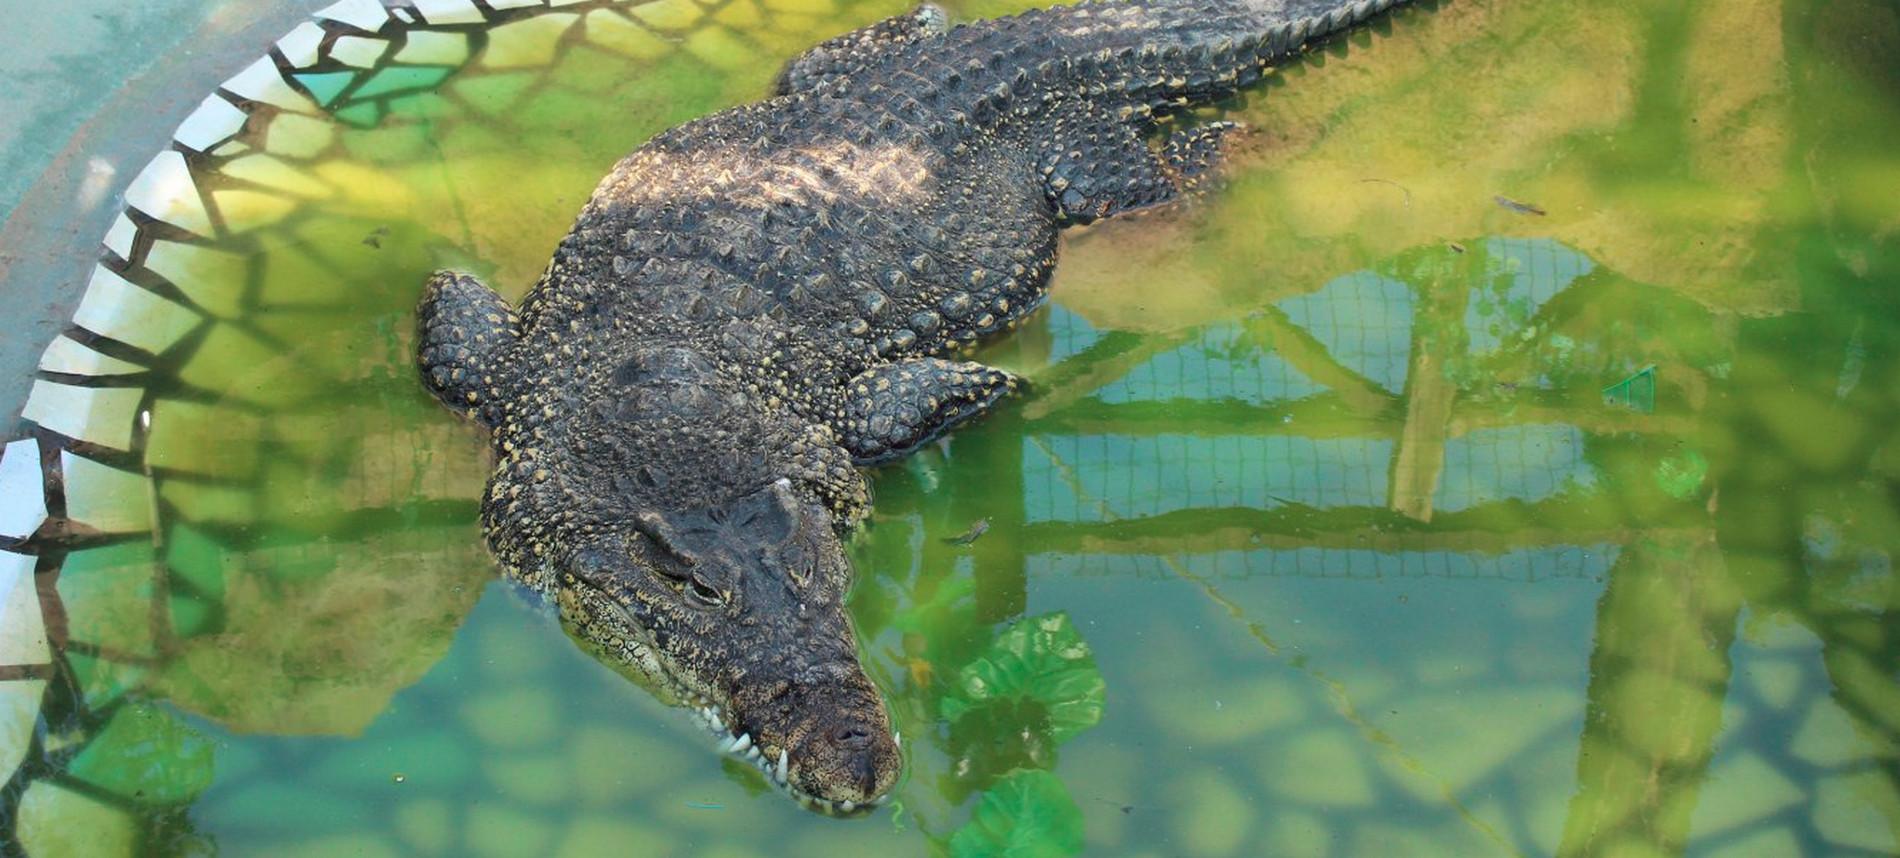 Неожиданная экзотика: крокодилья ферма в станице Голубицкой